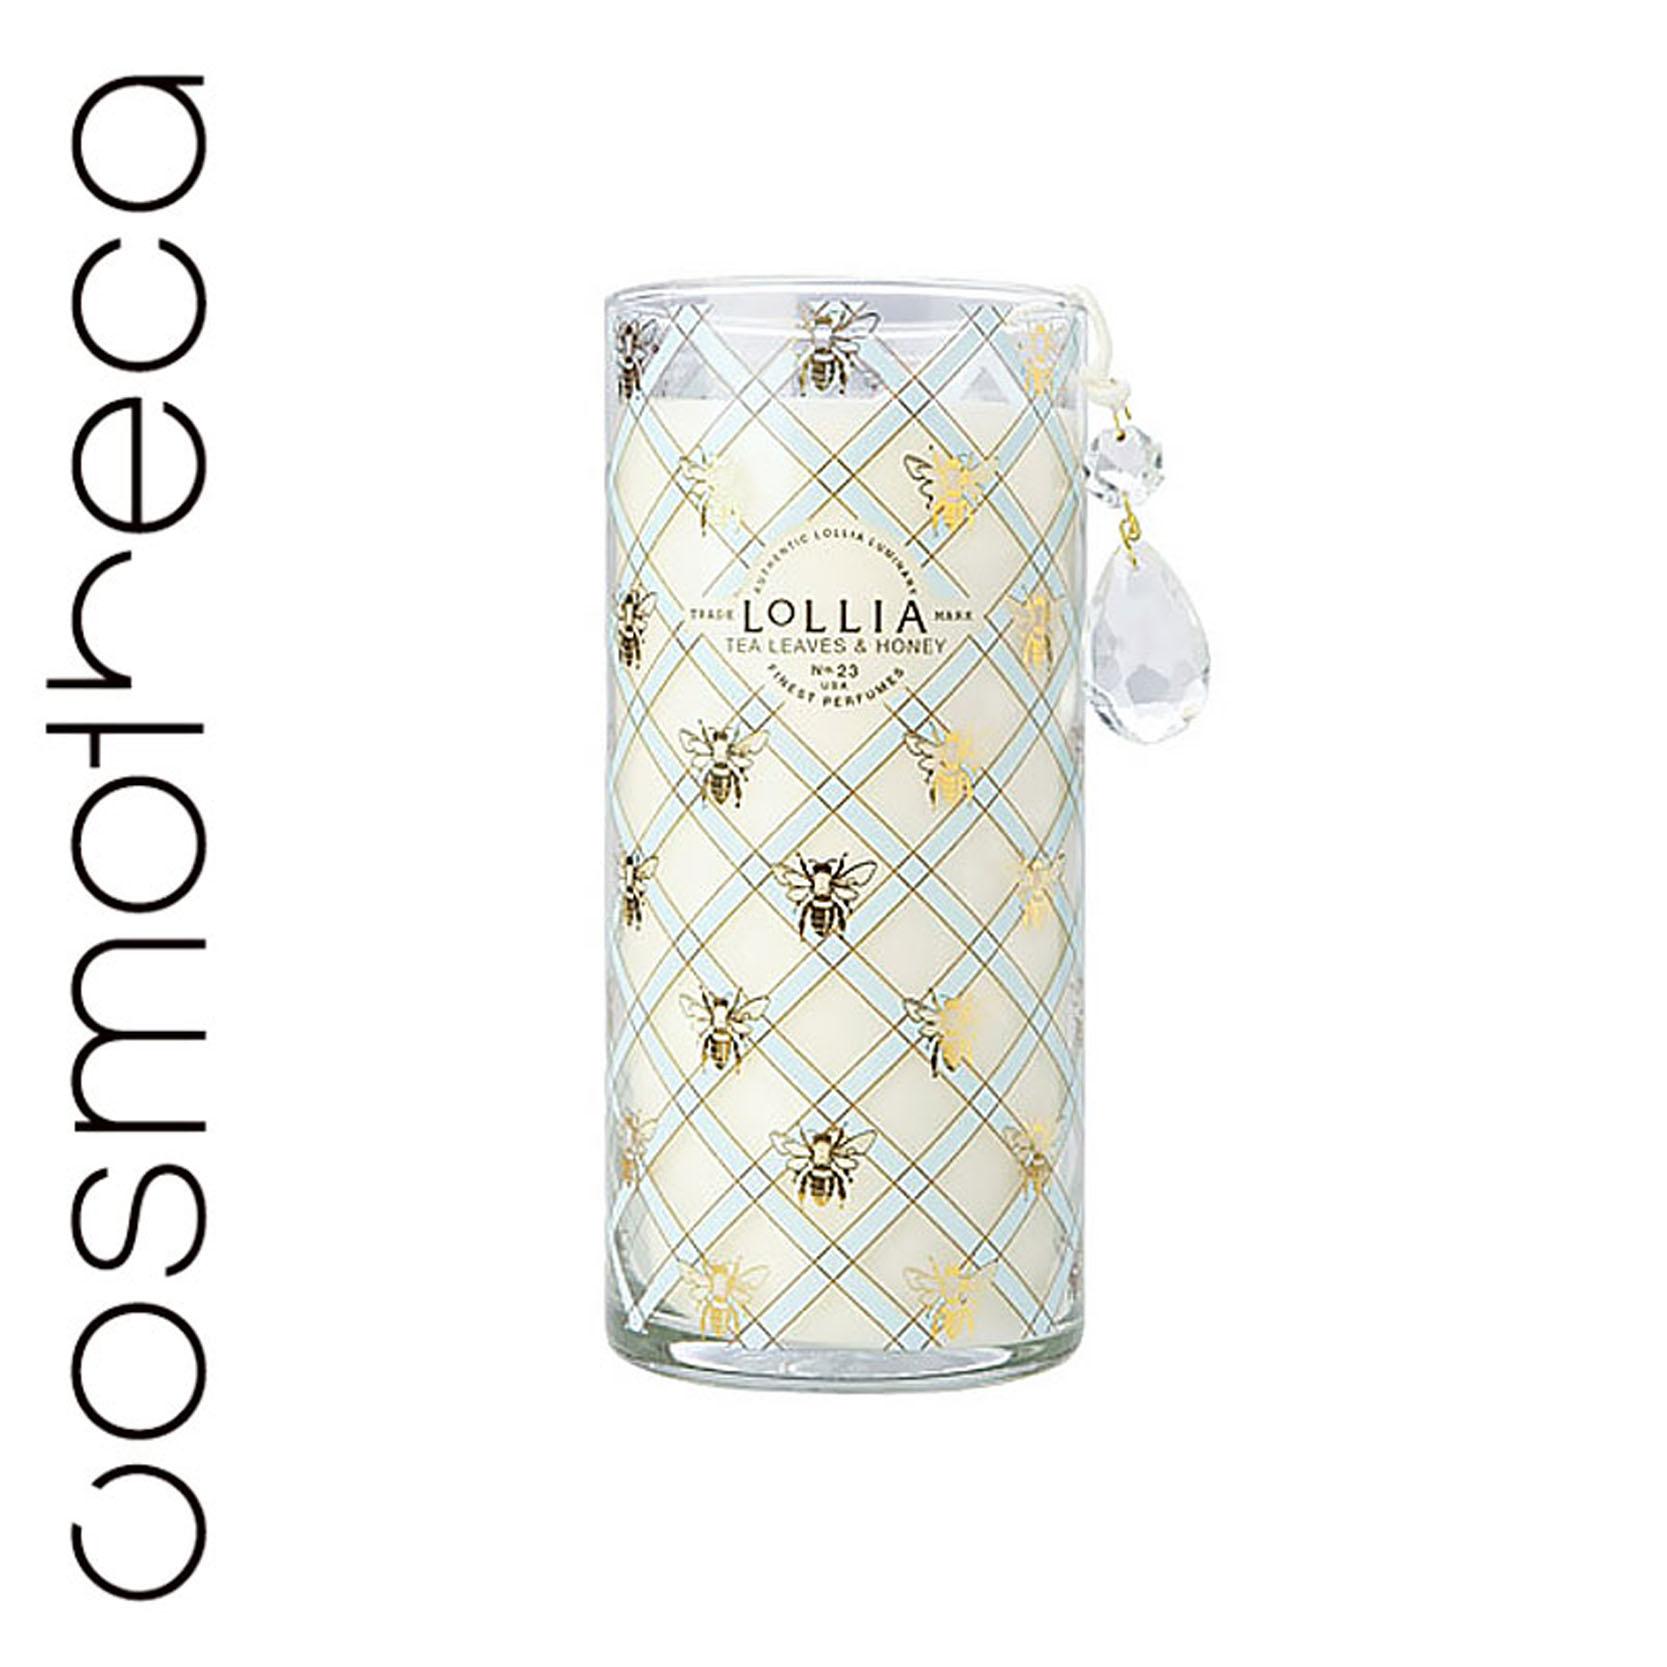 Lollia Свеча ароматизированная Желание, 828 гTKM10QTWСвеча ароматизированная Желание. Ароматические ноты: ваниль, цветы риса, глазурь, пастила, листья жасмина, иланг-иланг, янтарное дерево.